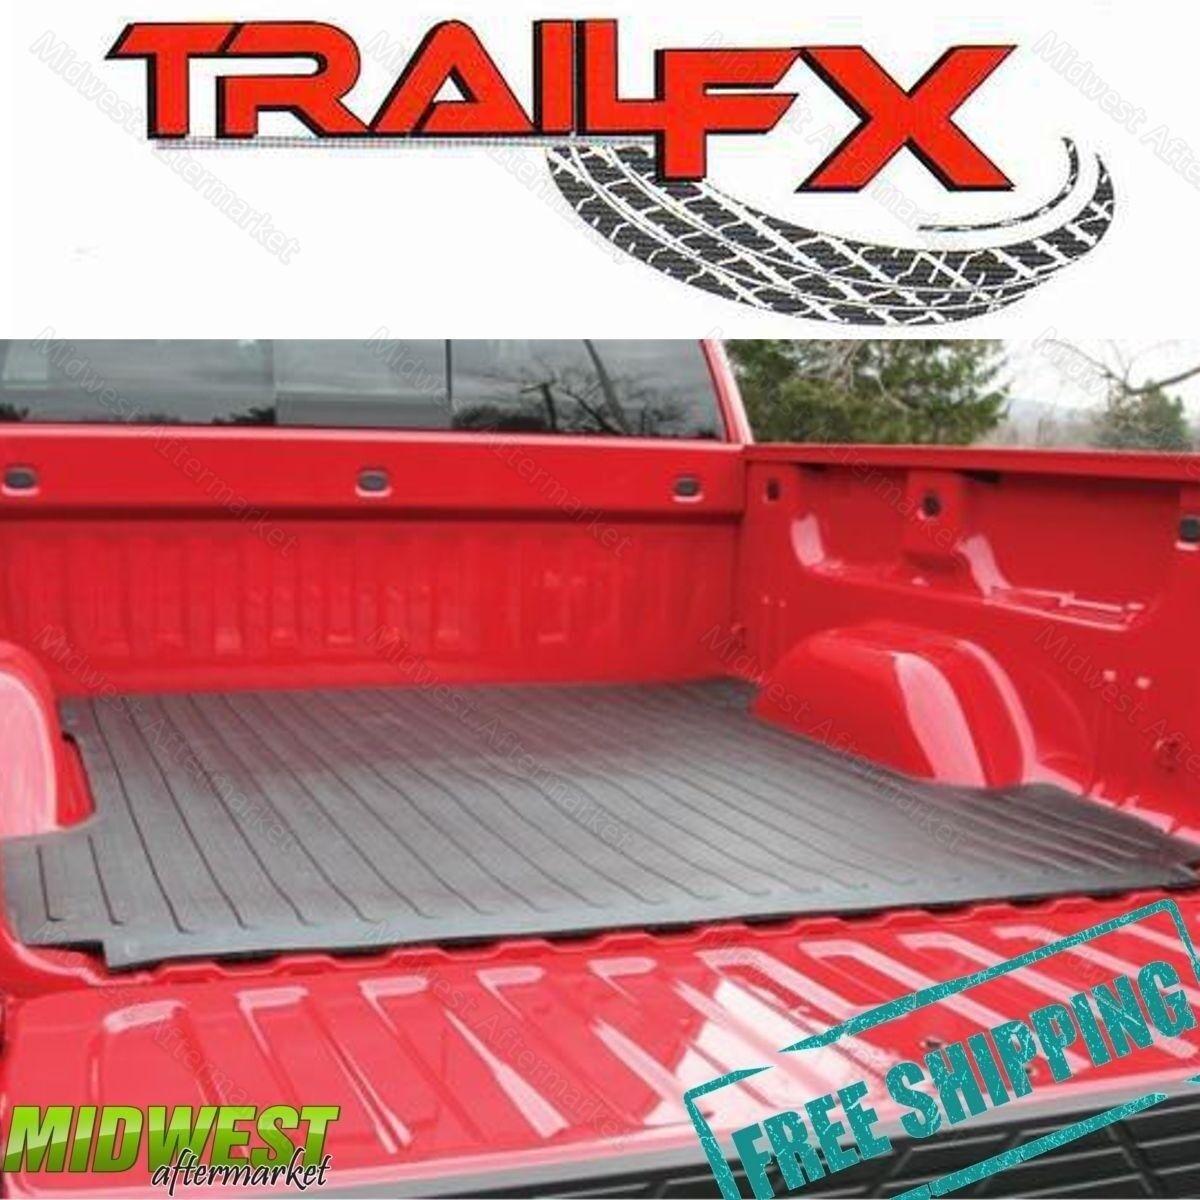 Trailfx Drop In Truck Bed Mat Fits 1975 1996 Ford F 150 F 250 F 350